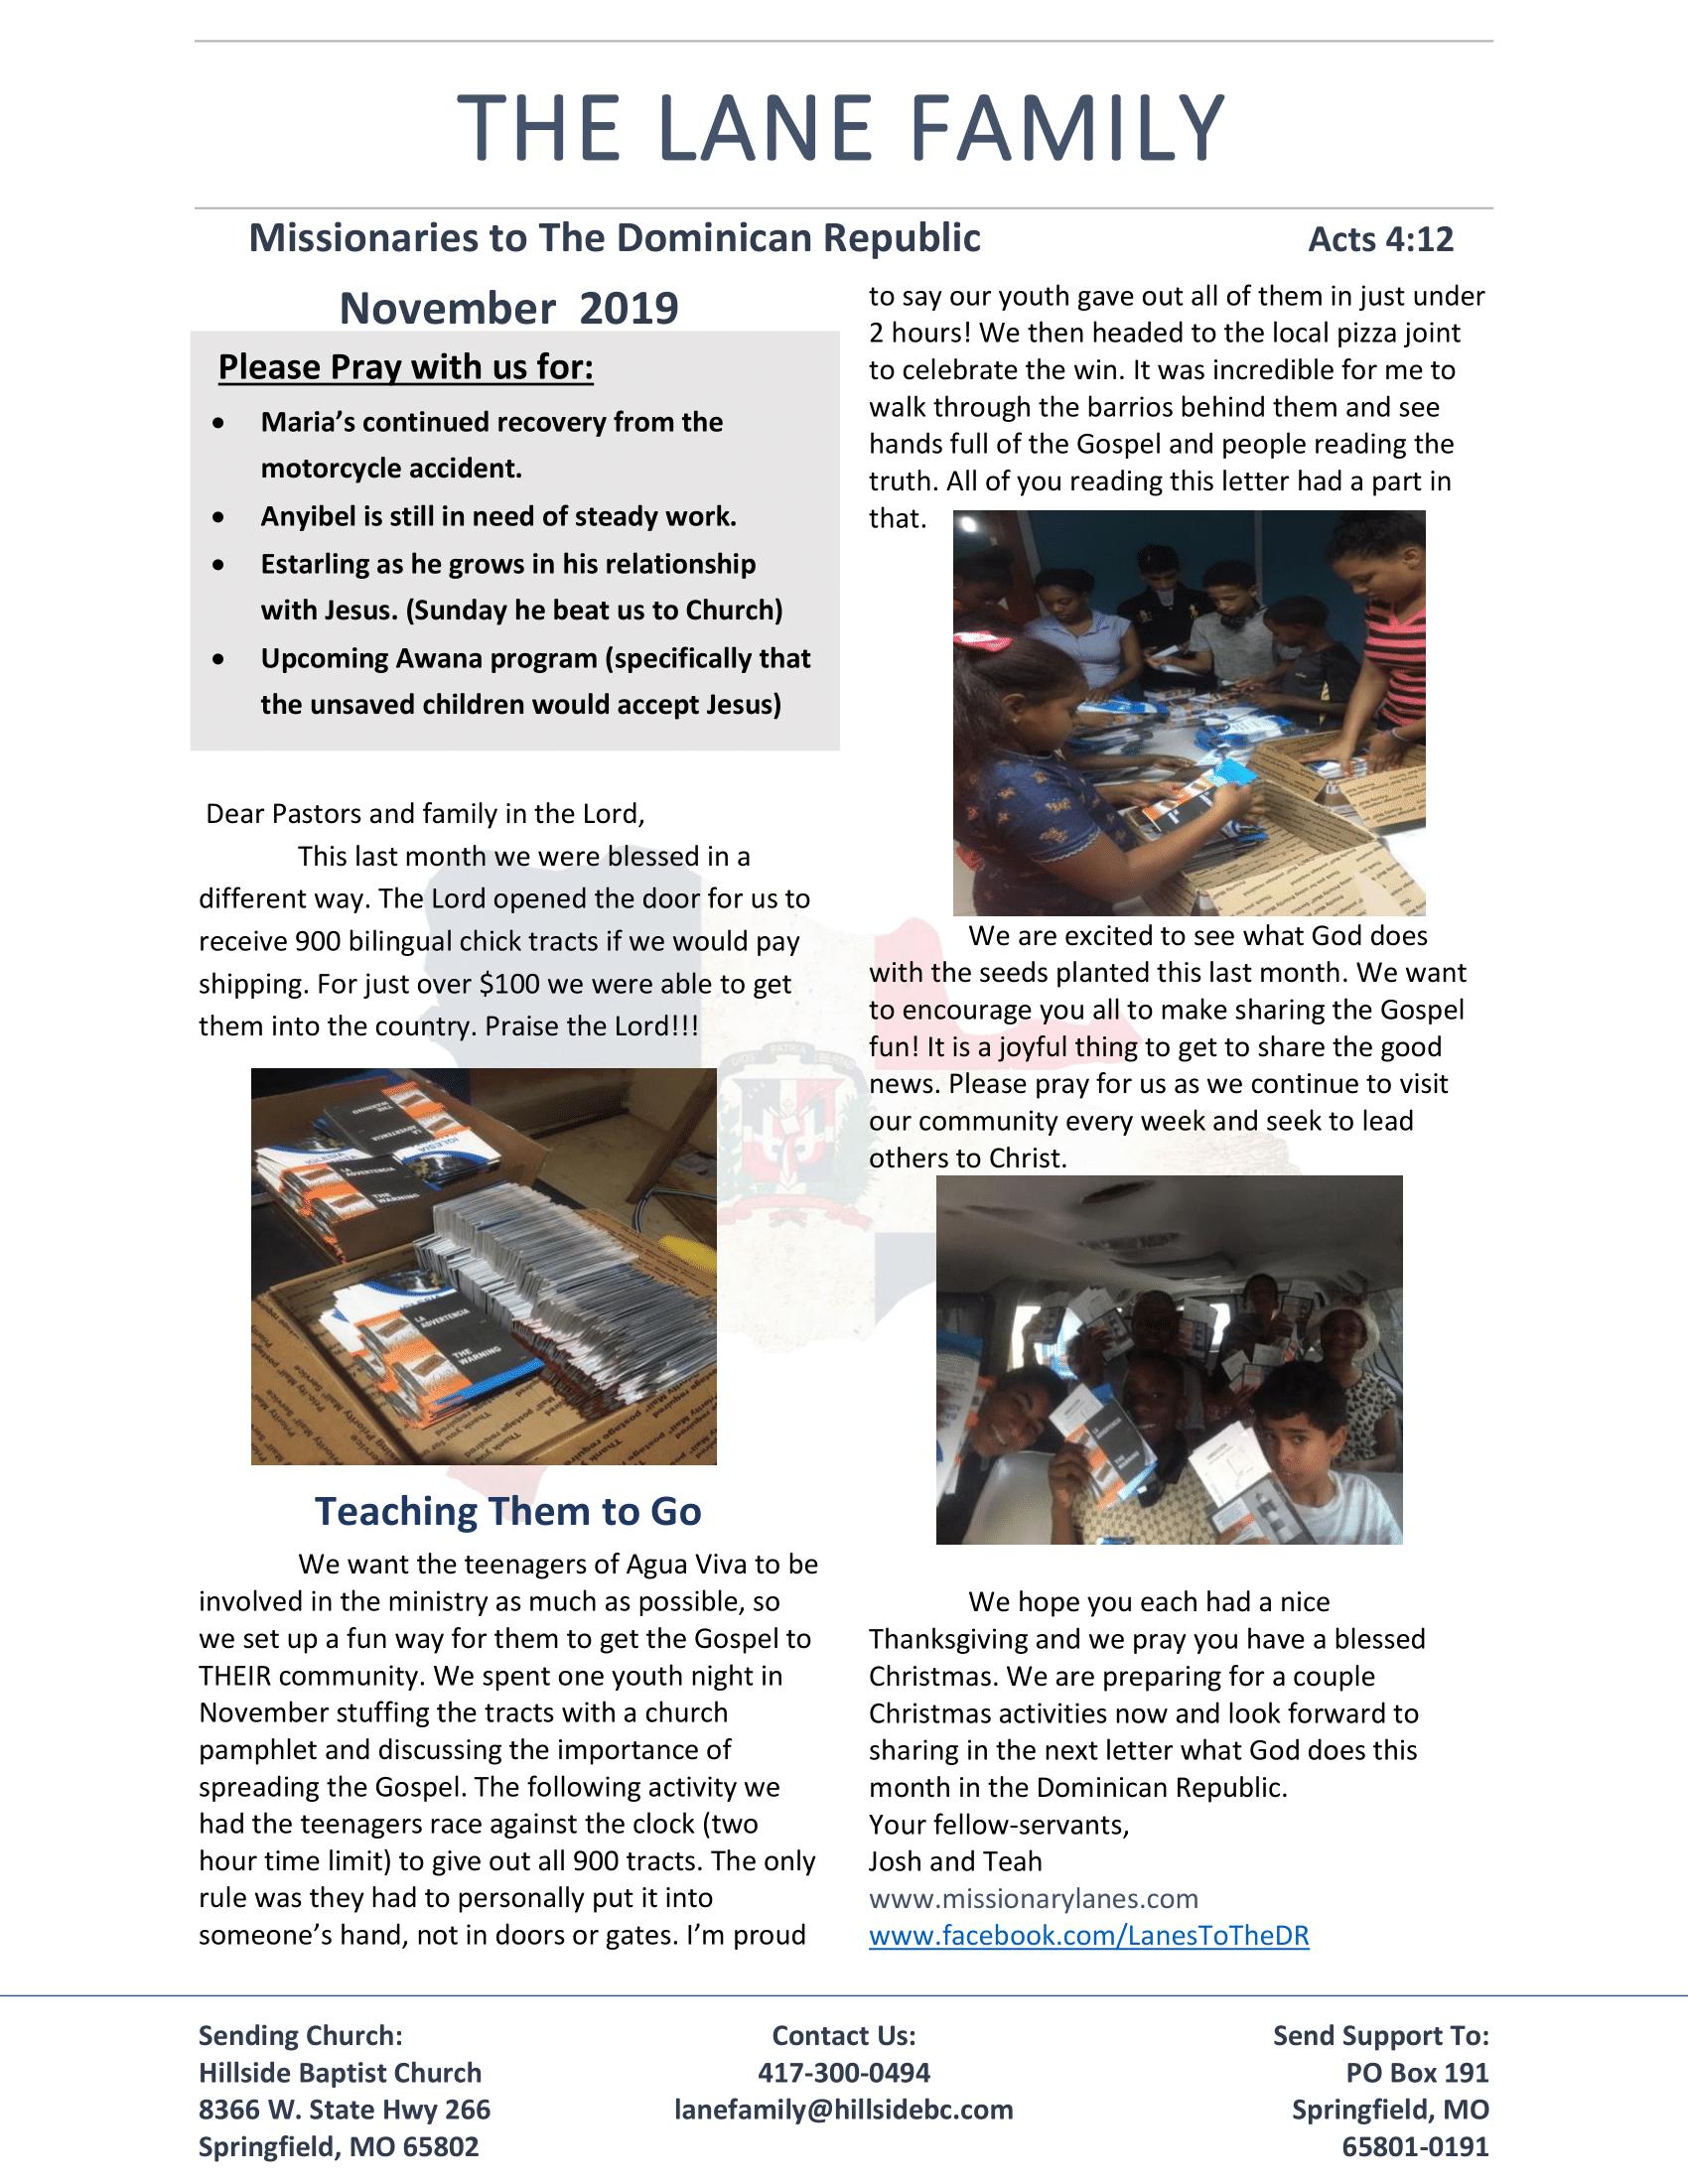 Prayer_Letter_2019_November1-1